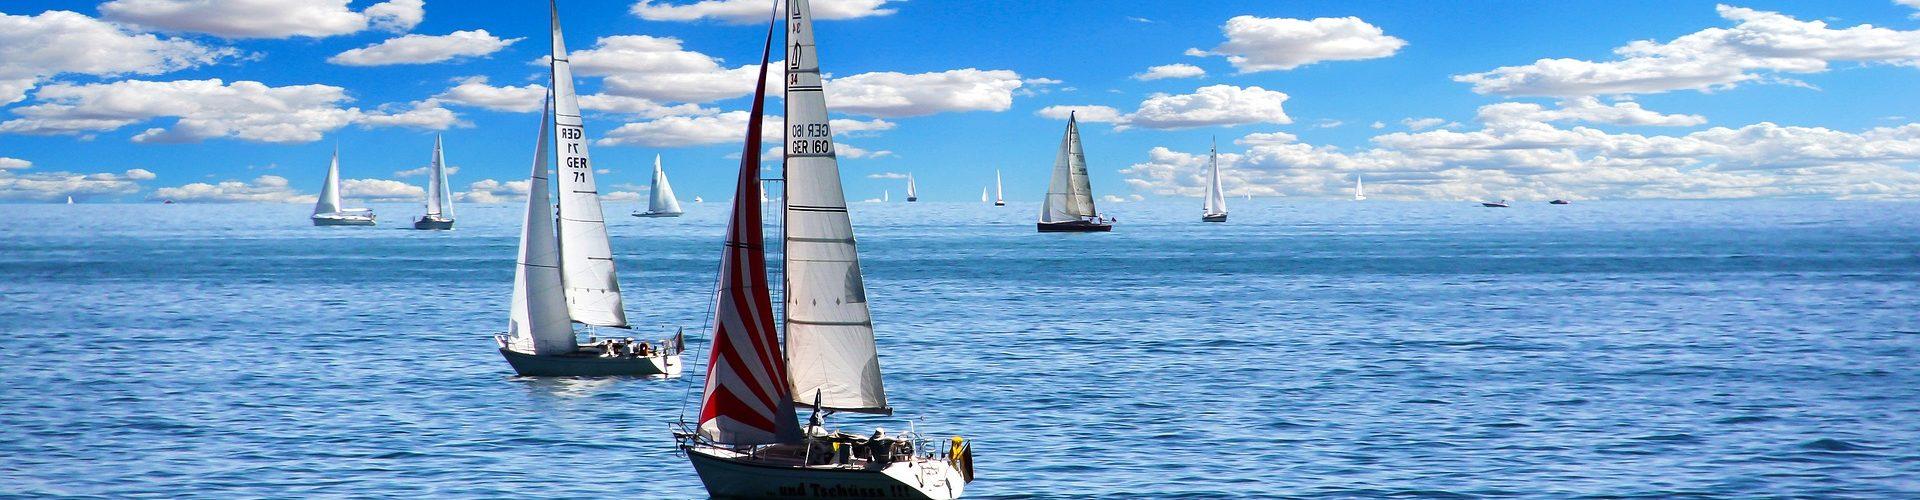 segeln lernen in Markkleeberg segelschein machen in Markkleeberg 1920x500 - Segeln lernen in Markkleeberg